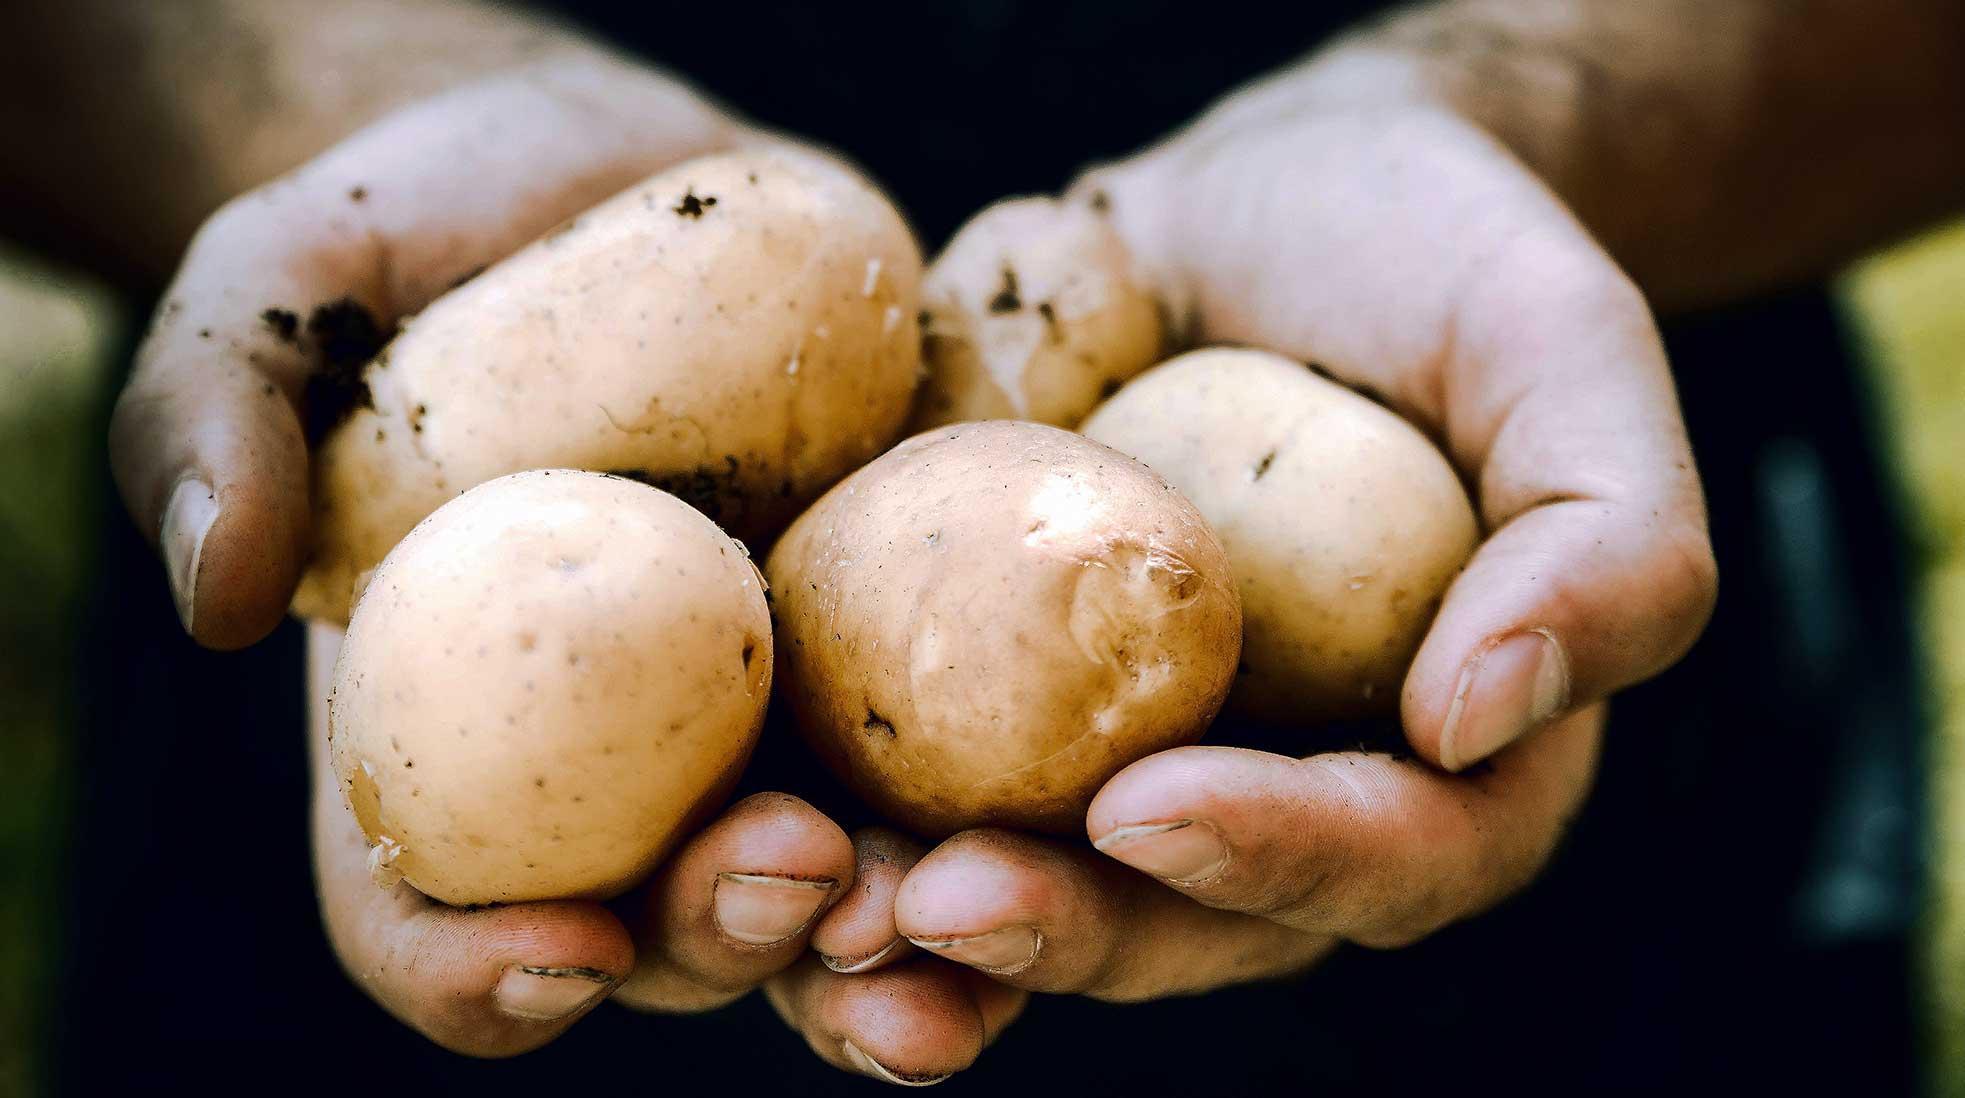 Två händer håller upp några jordiga potatisar